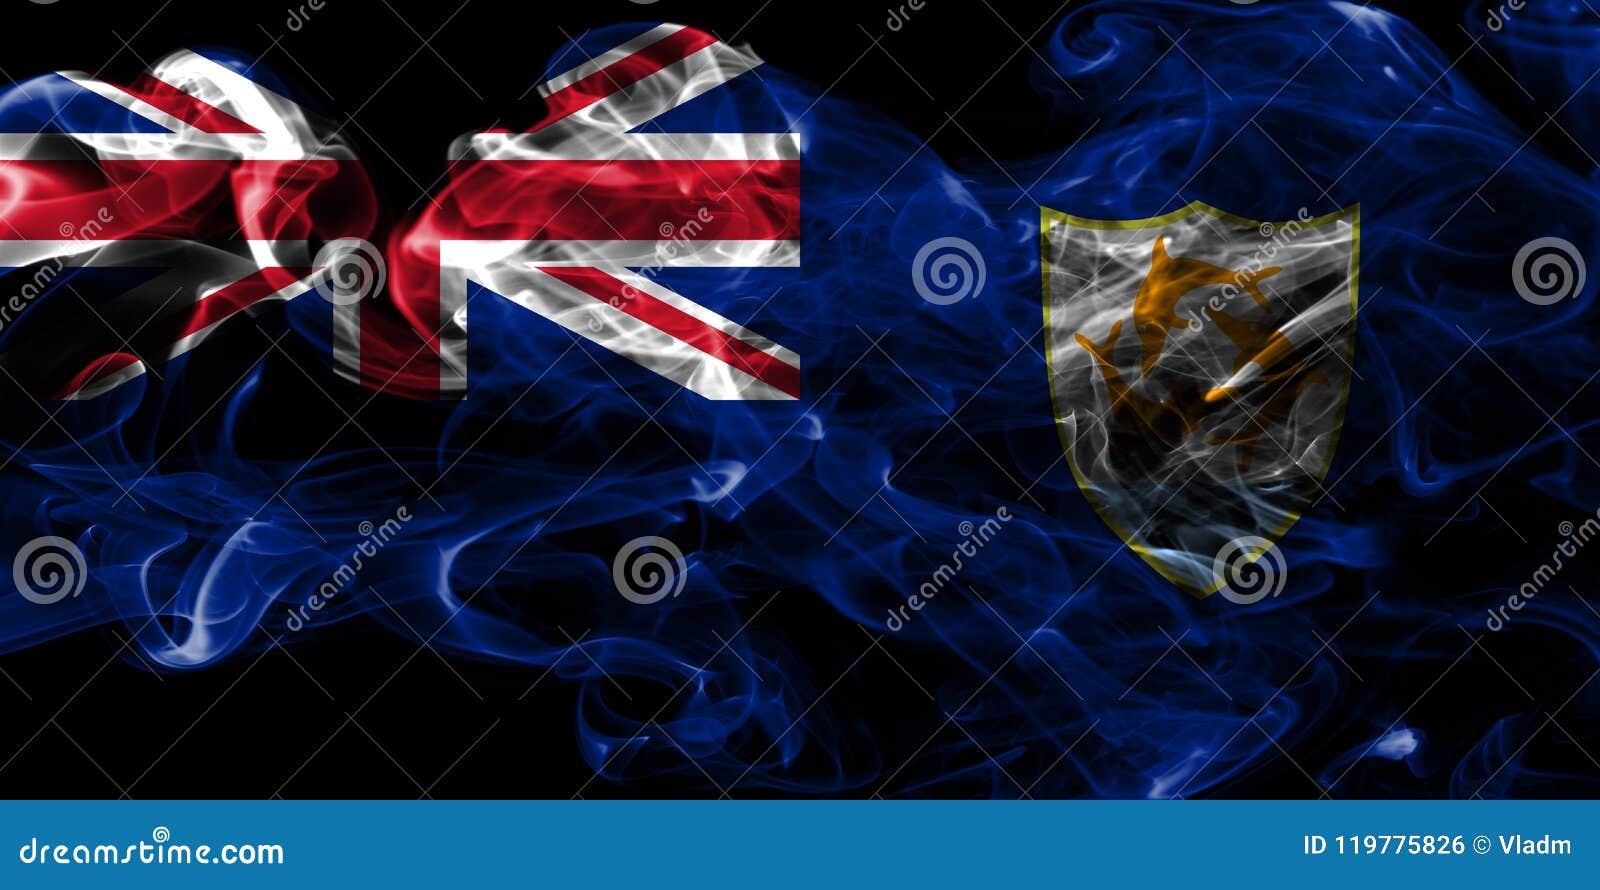 Bandera del humo de Anguila, territorios de ultramar británicos, bandera dependiente del territorio de Gran Bretaña